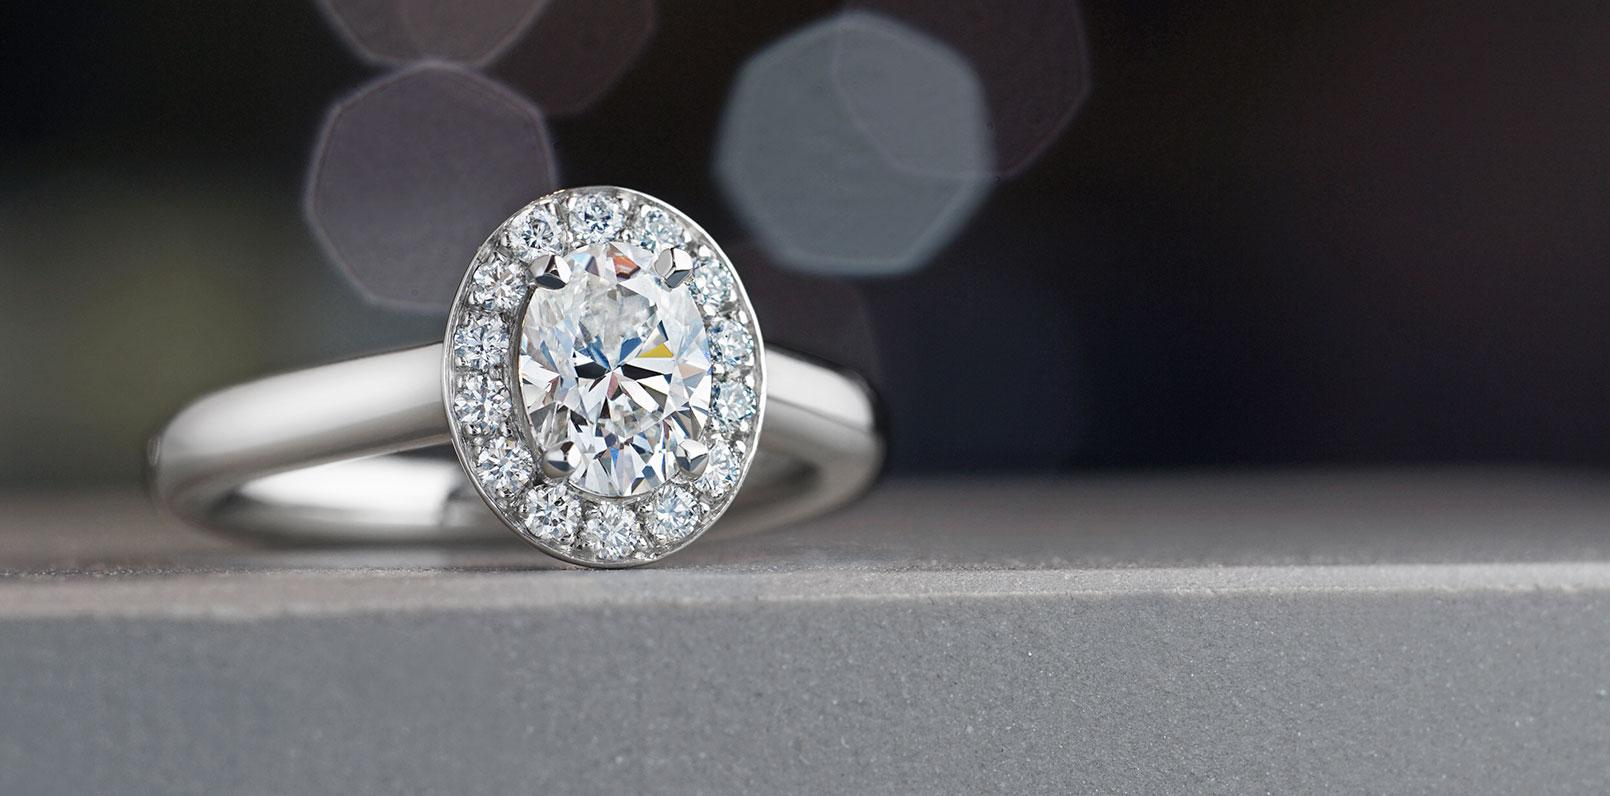 harriet-kelsall-bespoke-jewellery-diamond-cluster-engagement-ring[1].jpg